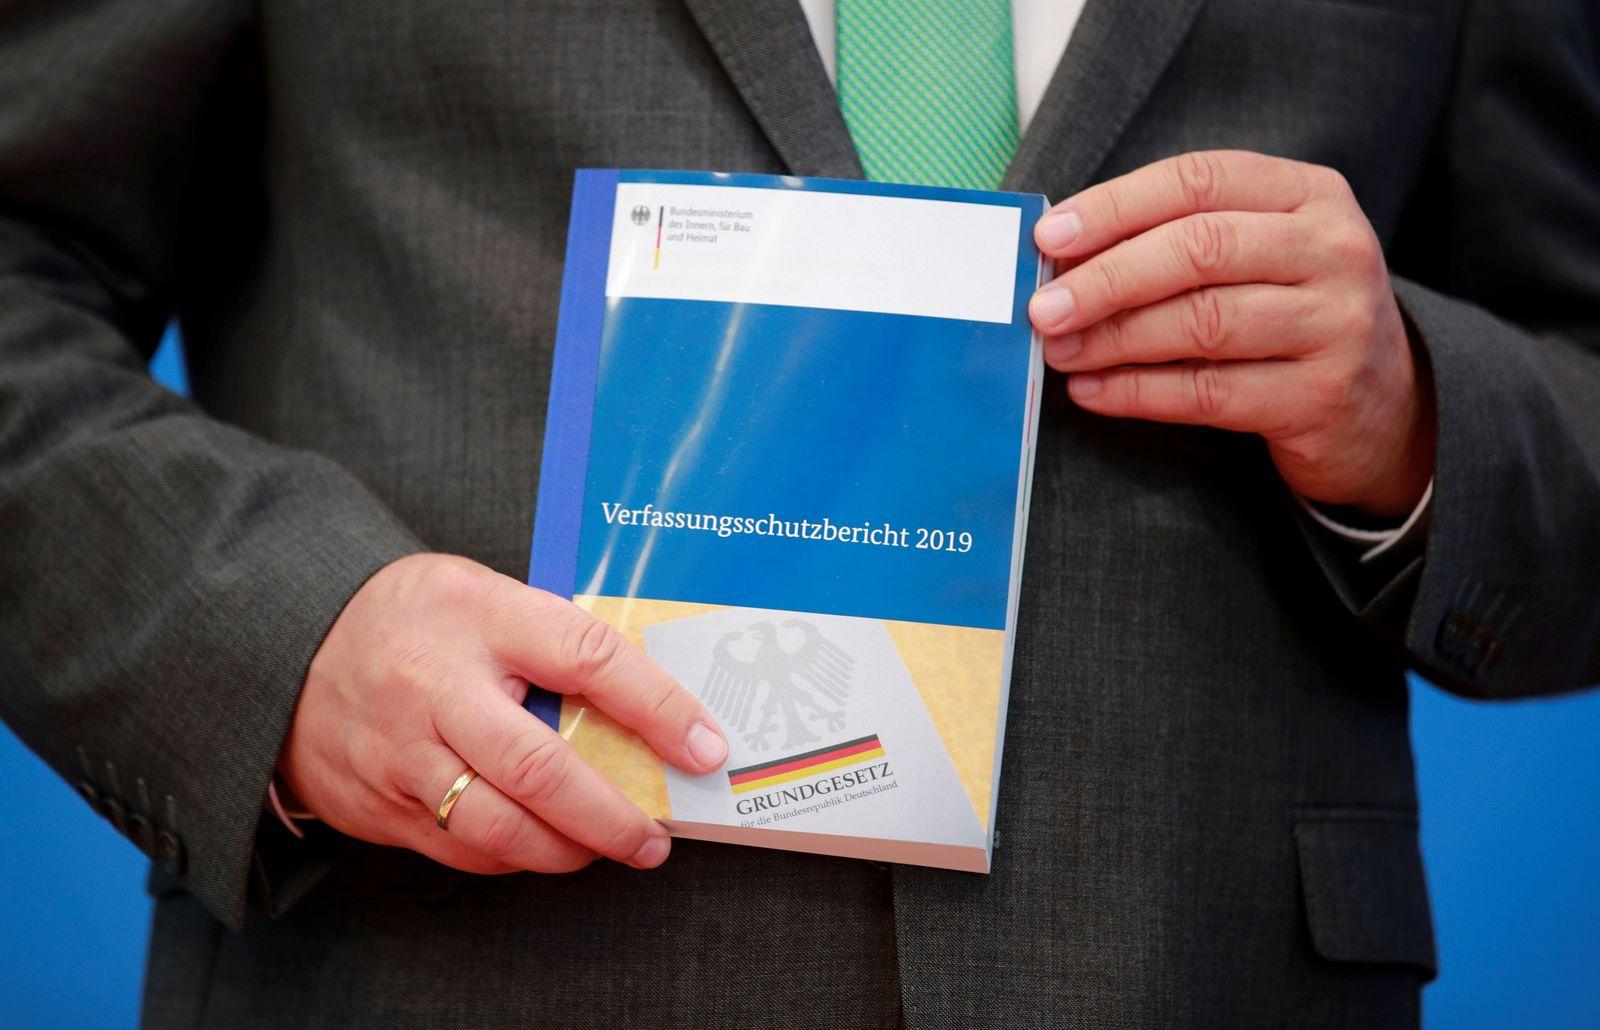 Vorstellung Verfassungsschutzbericht 2019